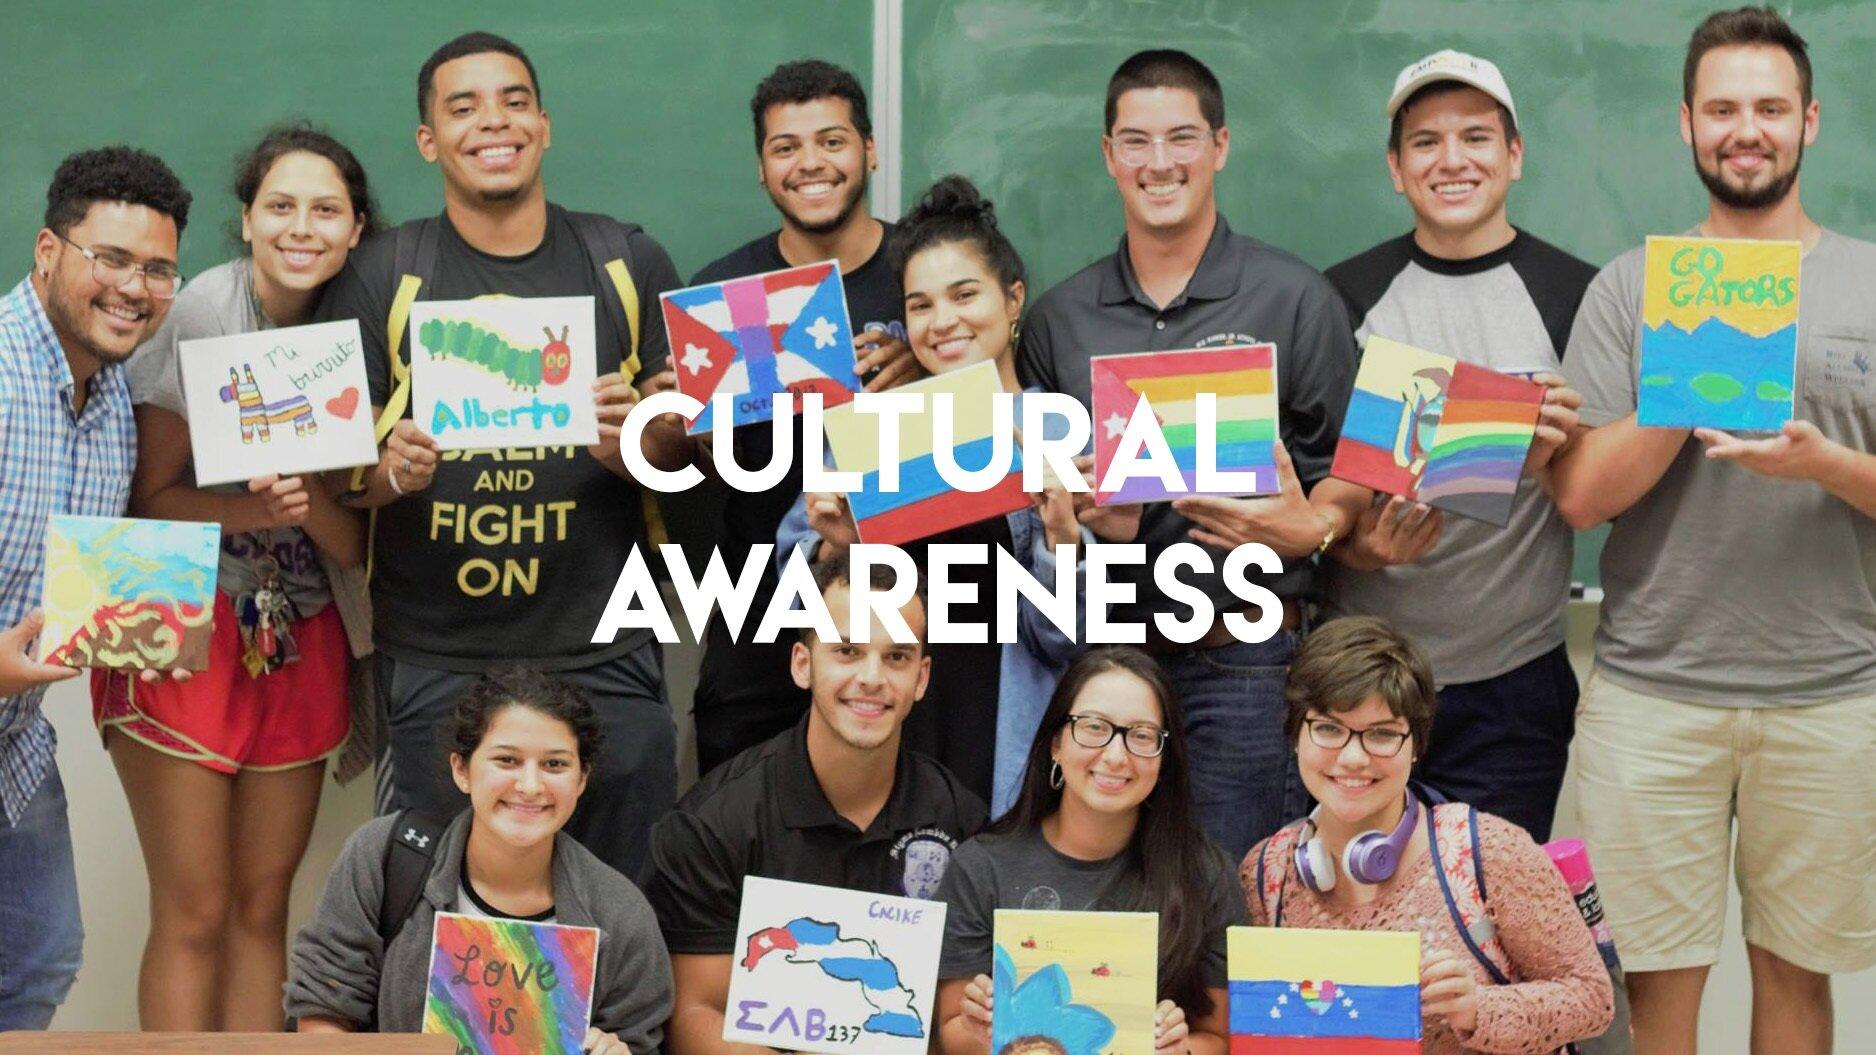 CulturalAwareness.jpg